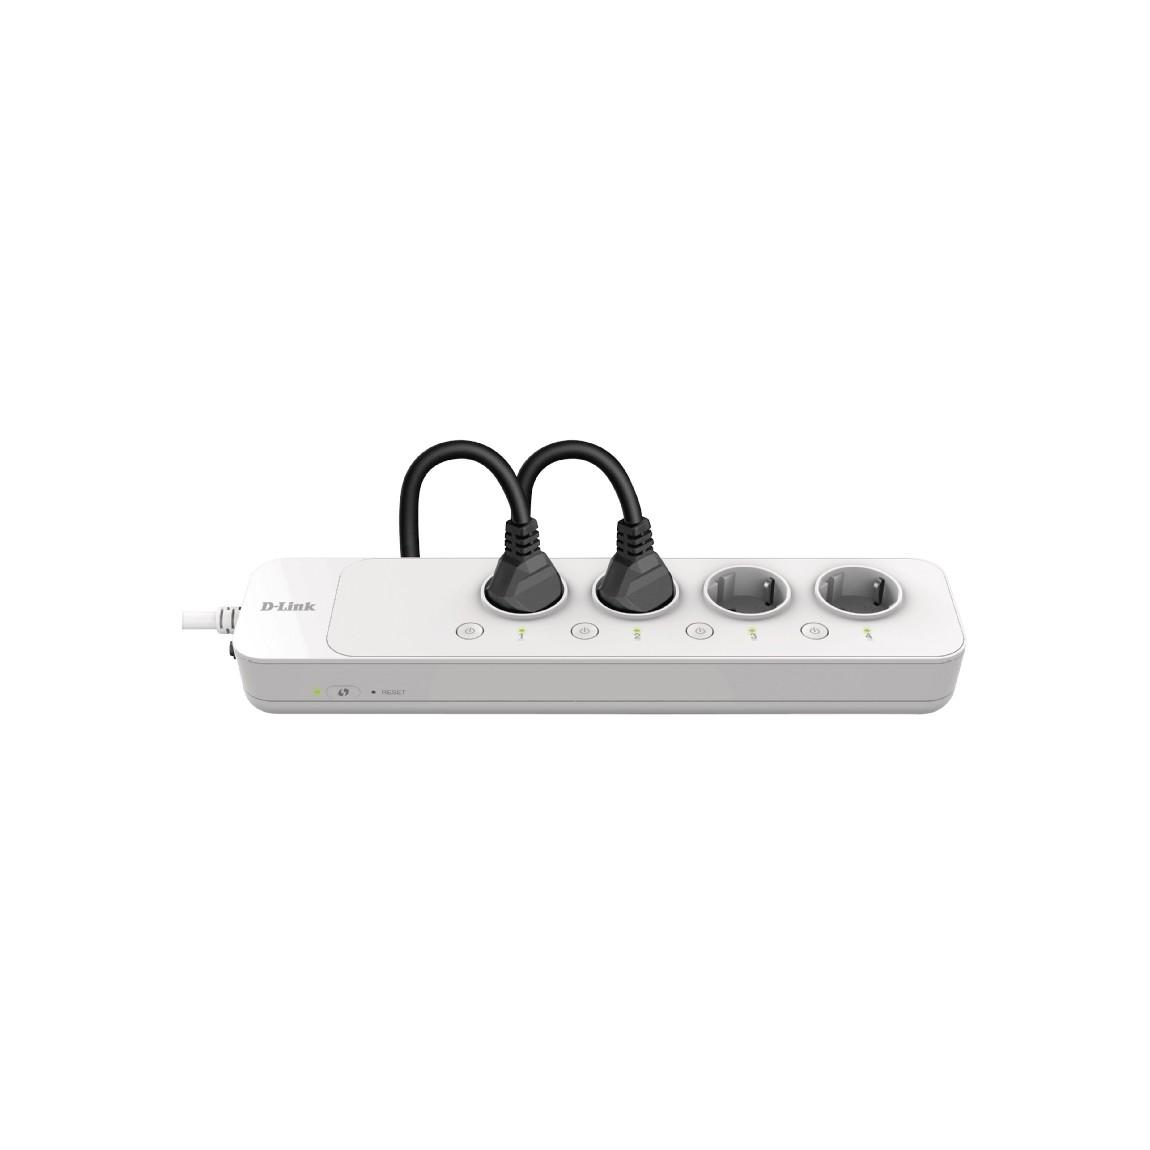 D-Link DSP-W245 mydlink Home smarte Steckdosenl...